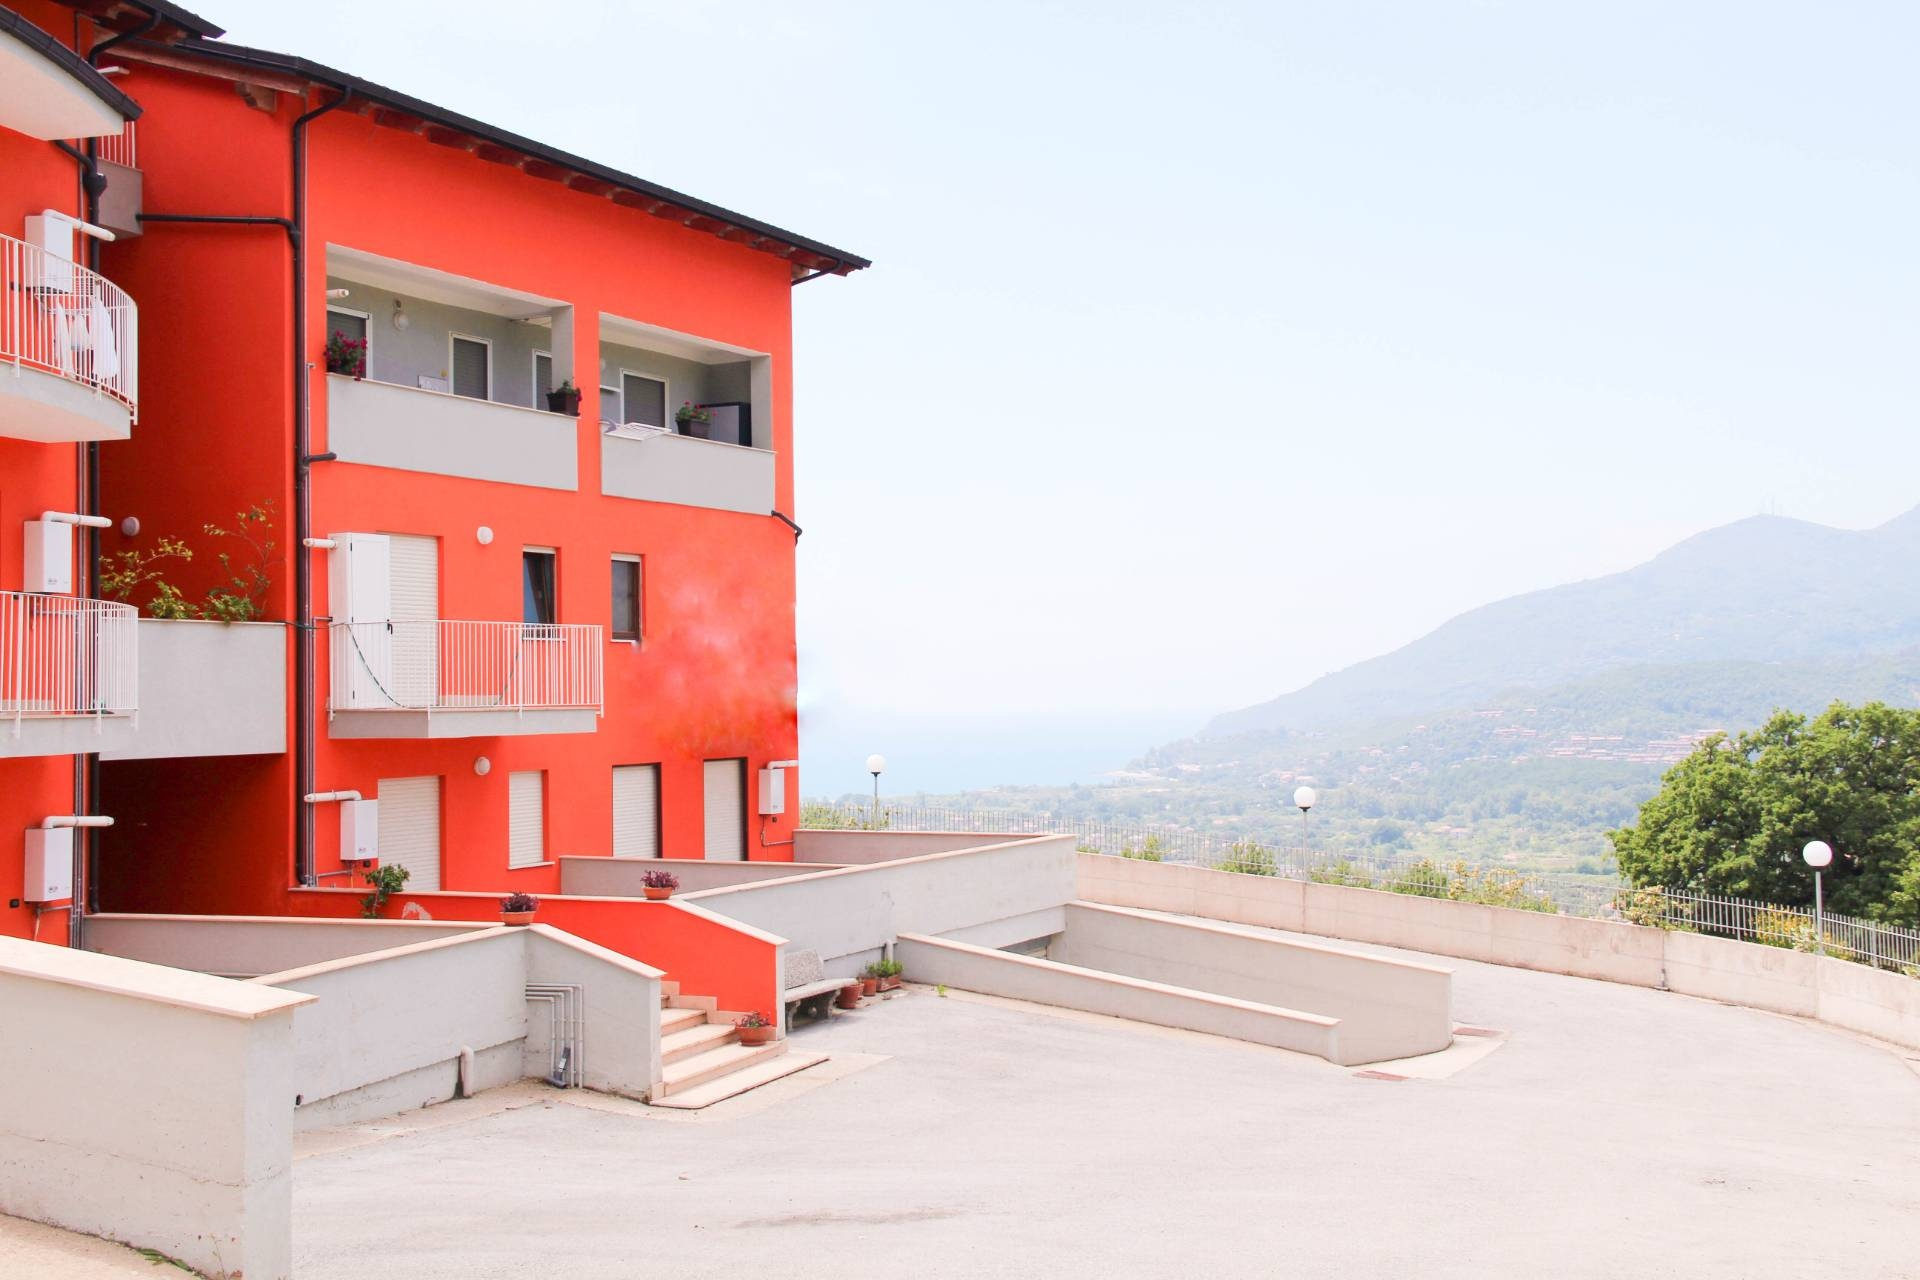 Appartamento in vendita a Santa Marina, 2 locali, zona Località: PolicastroBussentino, prezzo € 75.000   PortaleAgenzieImmobiliari.it